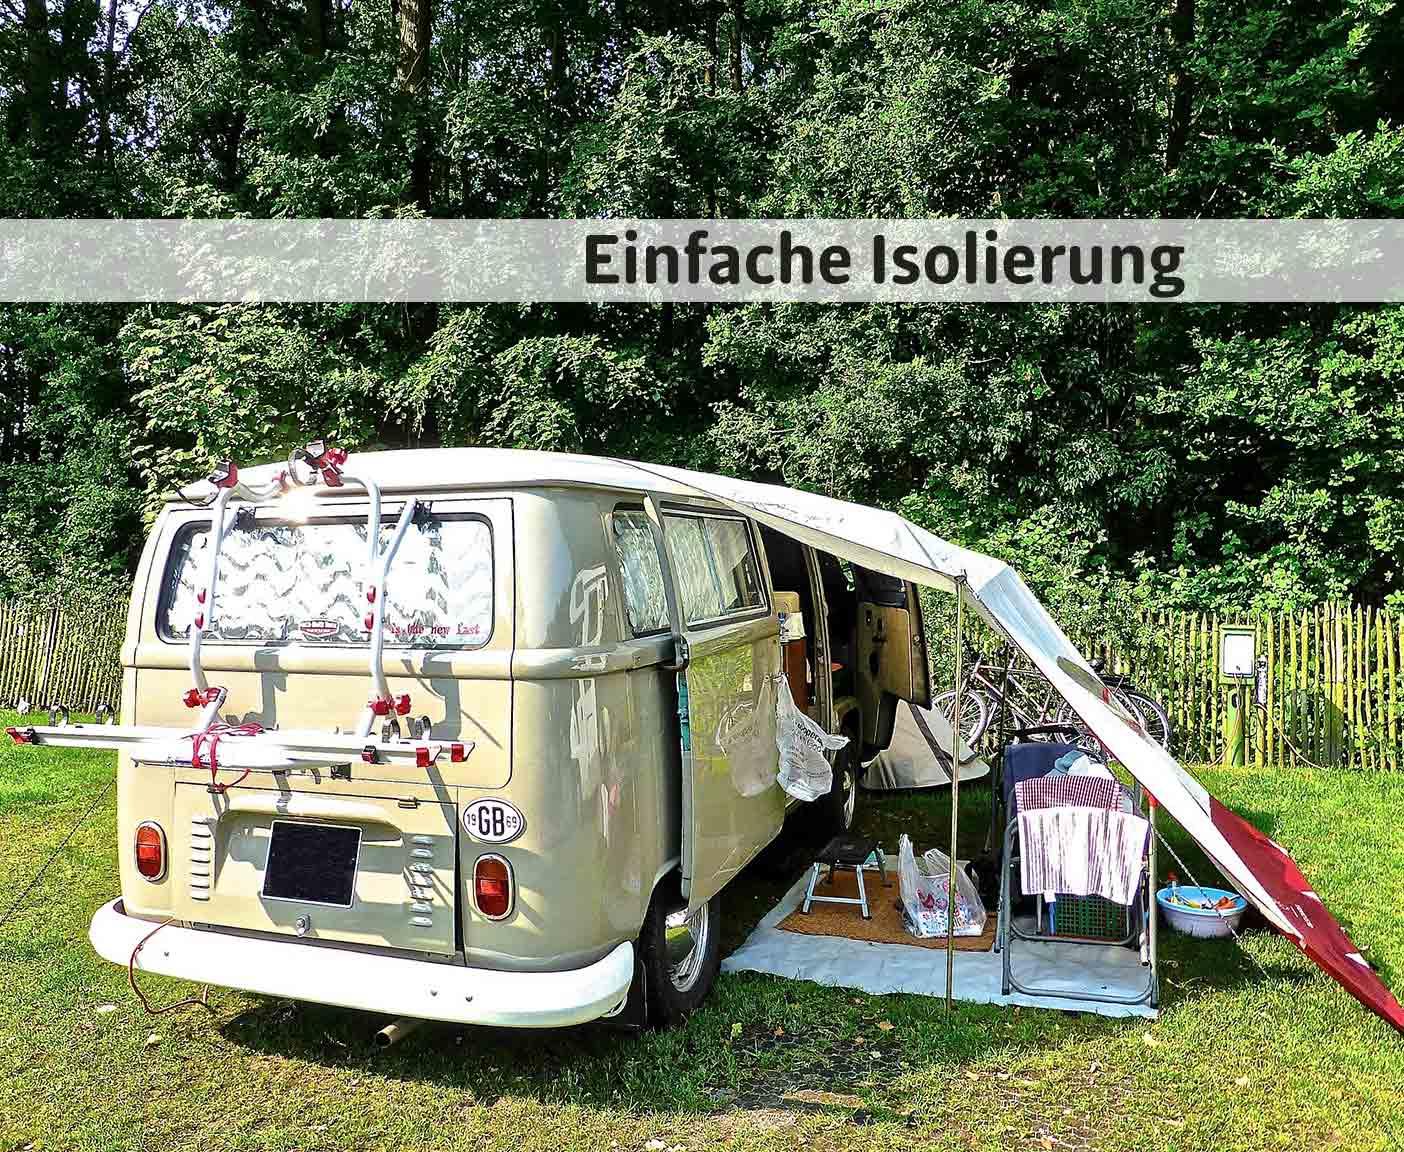 Mit Thermomatten isolierter Camper in einem Garten, Markise und Vorhänge schützen vor der Sonne